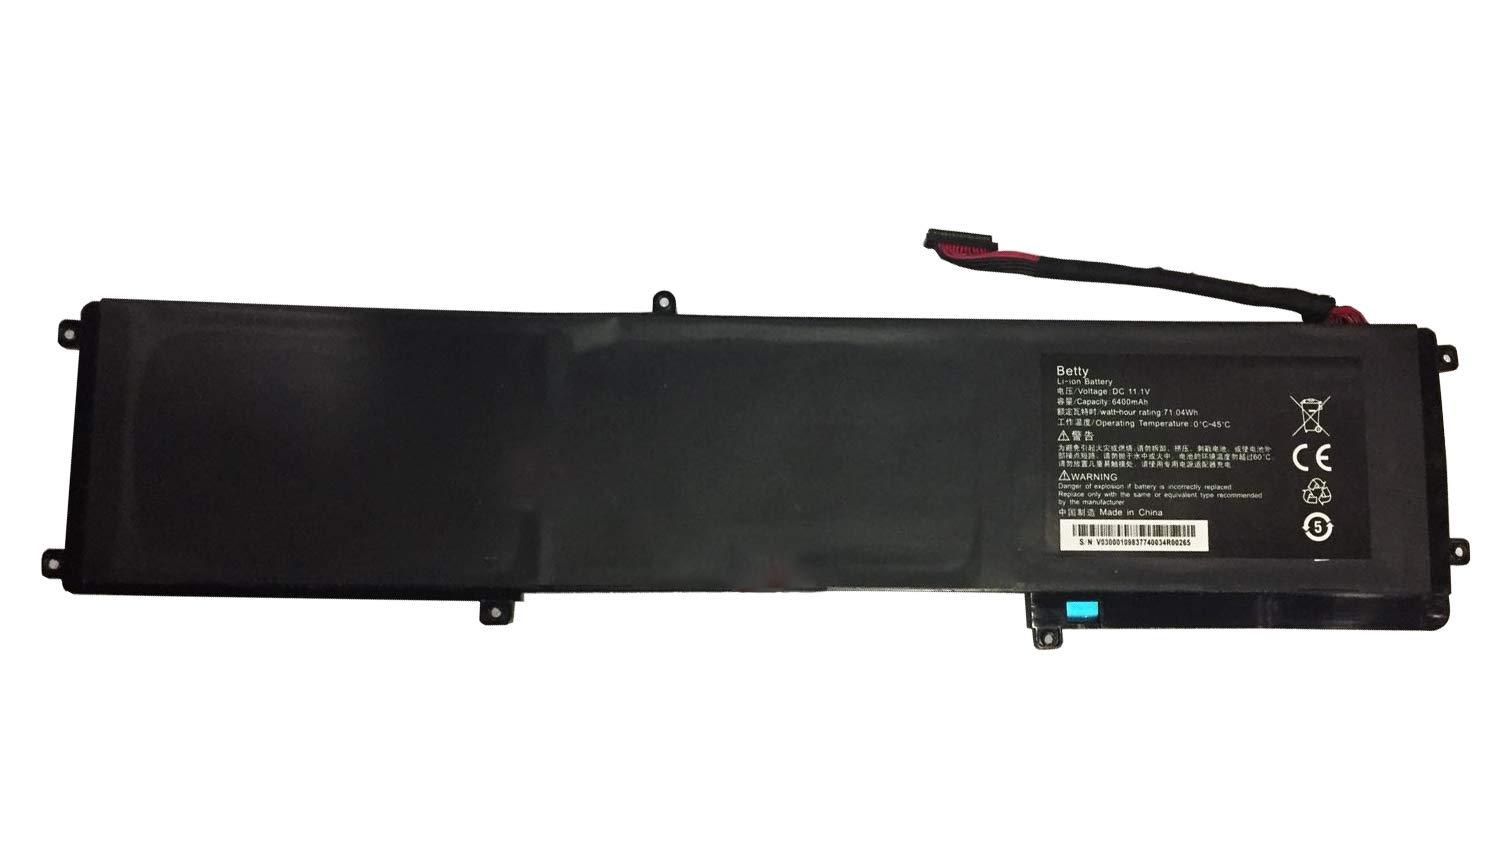 Bateria RZ09-0102 RZ09-0116 Betty para Razer Blade 14 2013 2